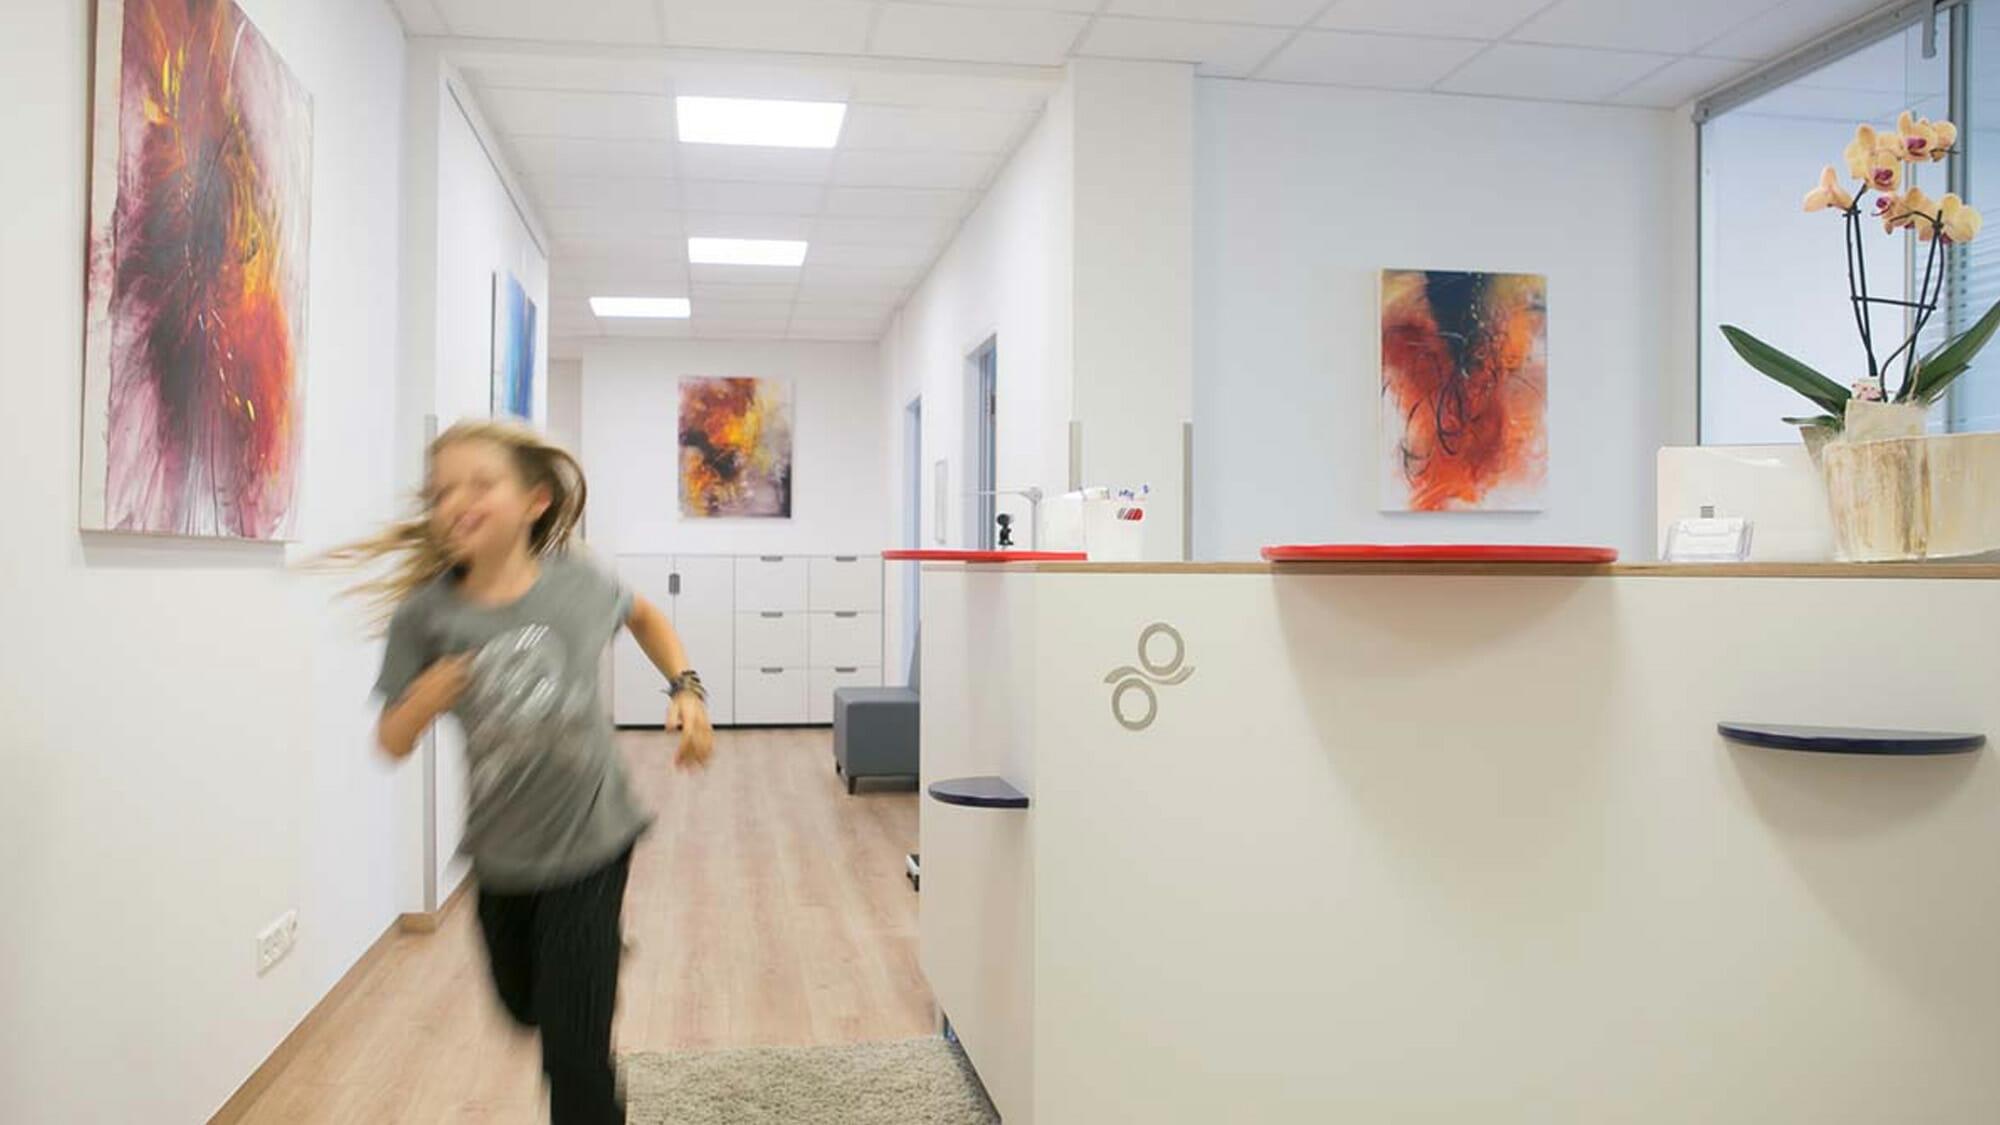 News - MVZ für Kinder- und Jugendpsychiatrie München - Dres. med. Epple & Reuter-Dang